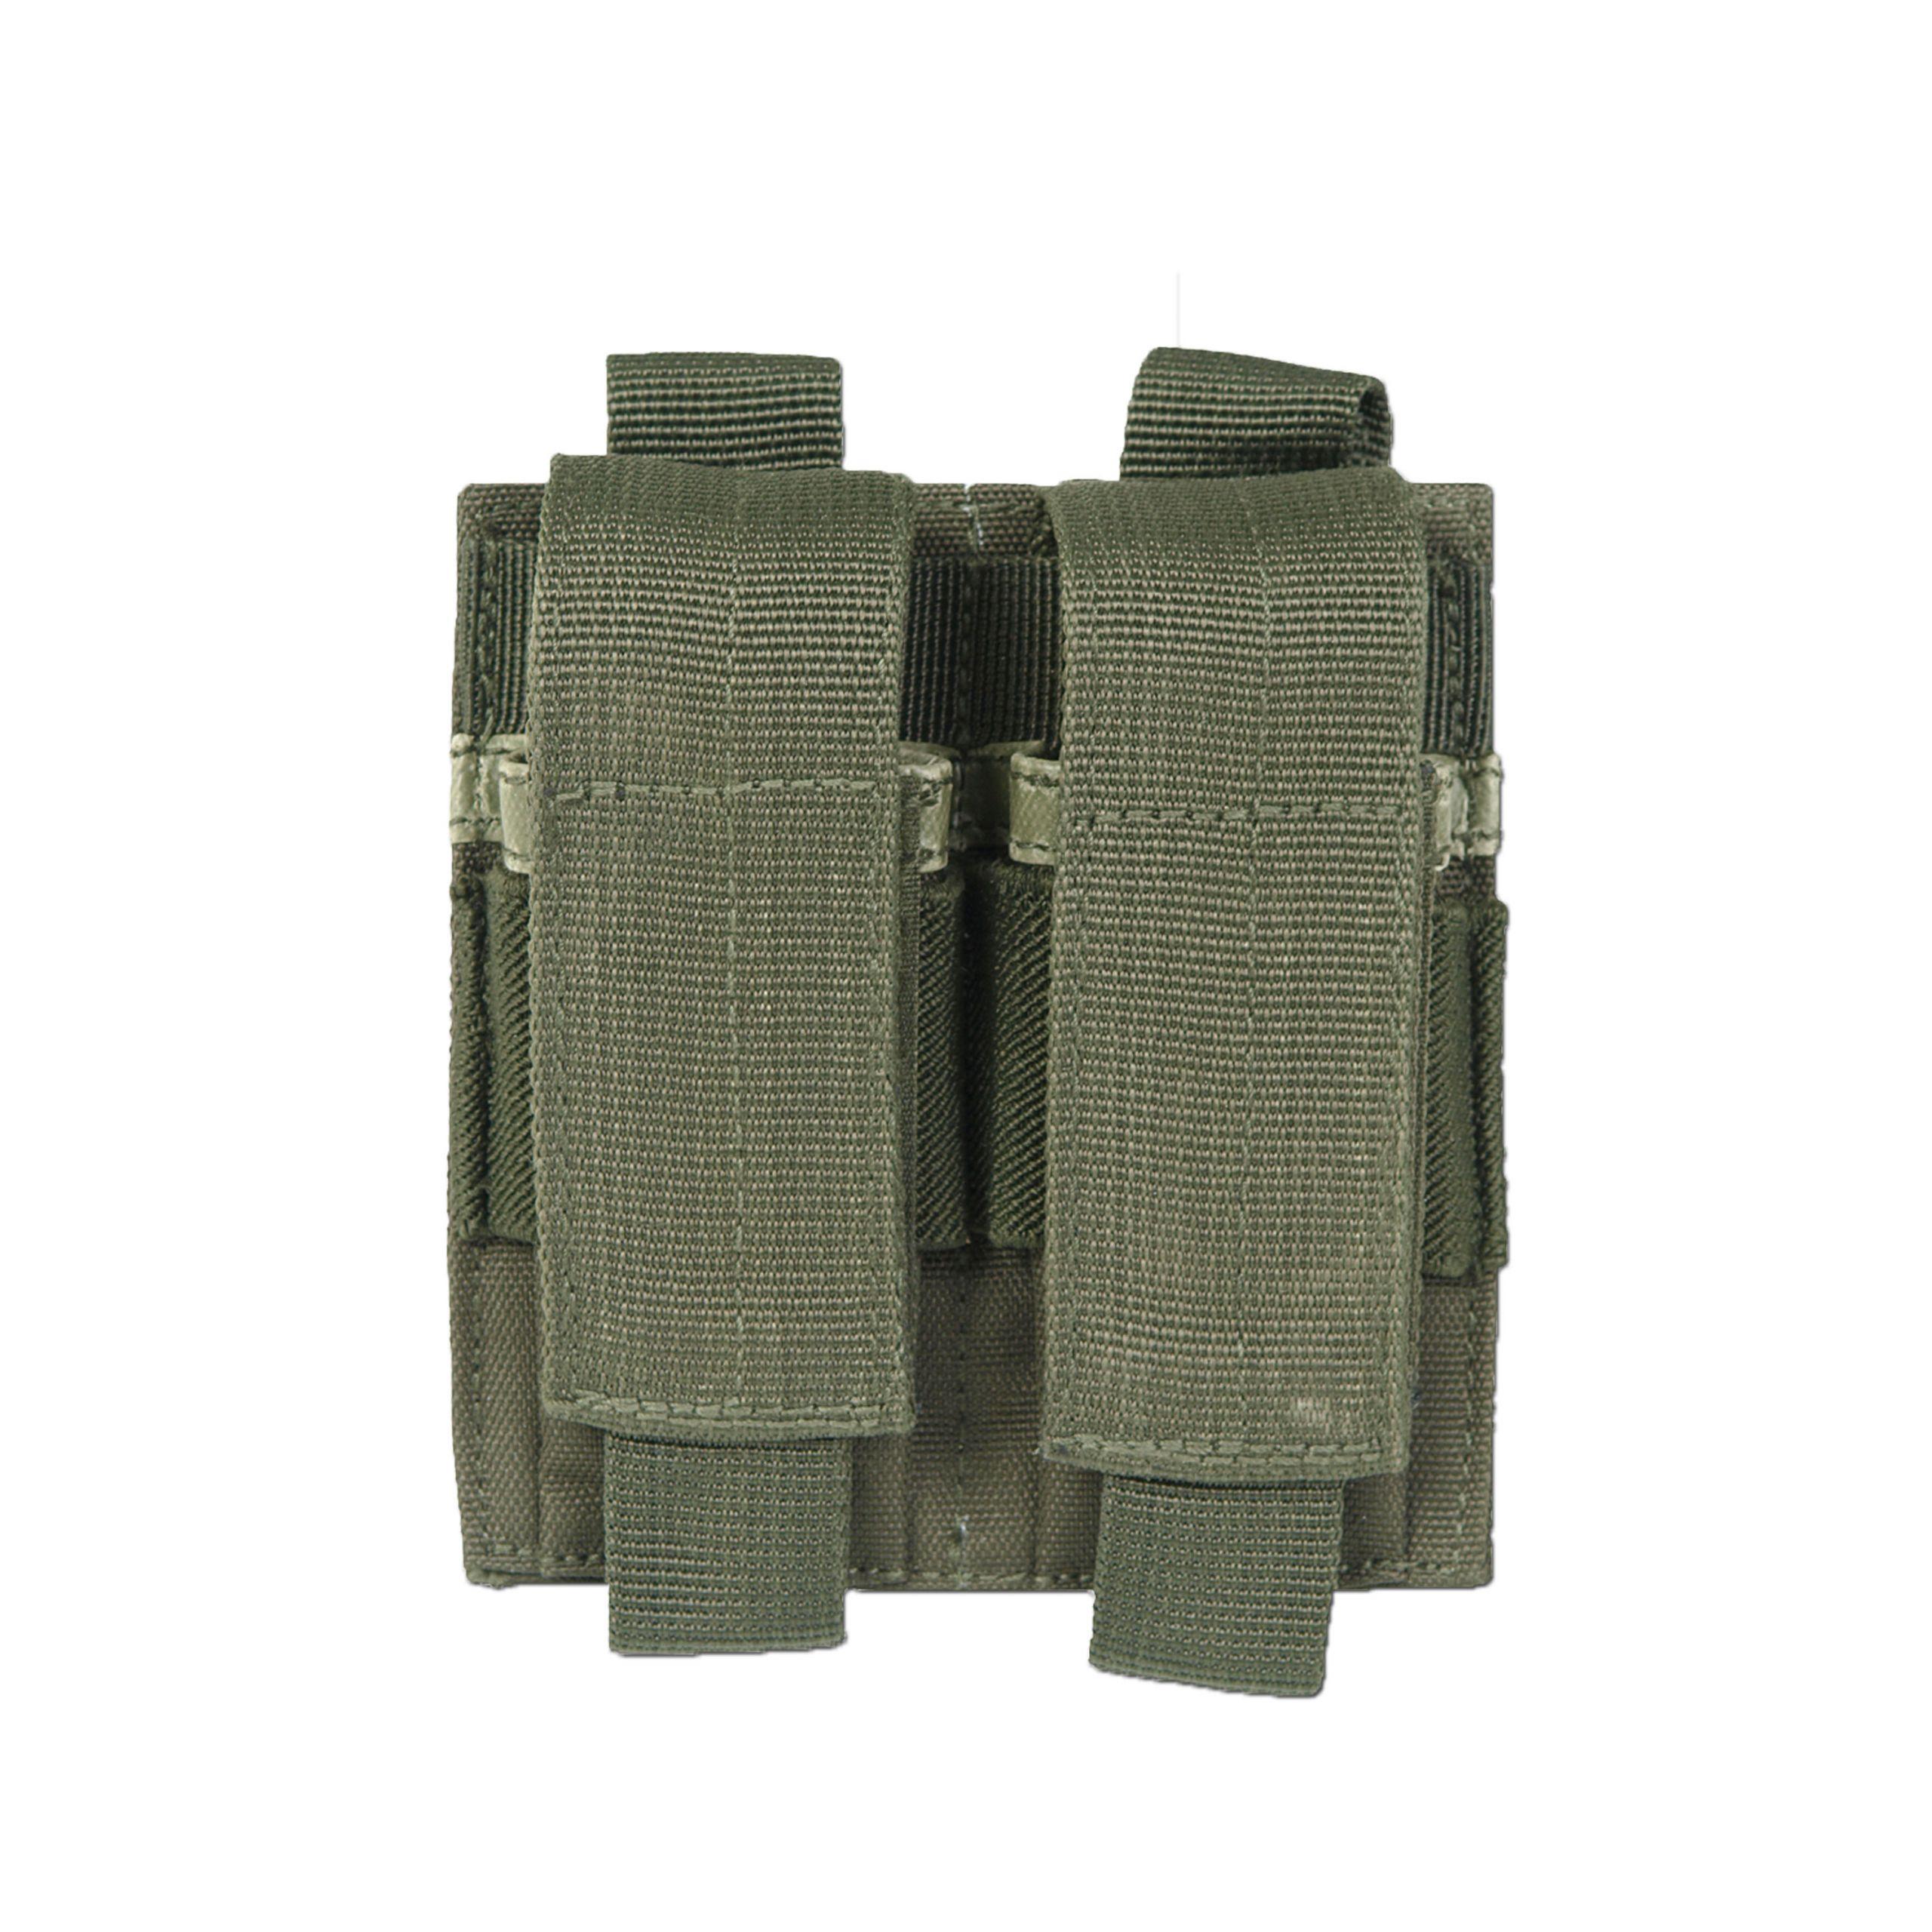 Mil-Tec Magazintasche für Pistole Single 6x2x12cm Gürteltasche Munitionstasche